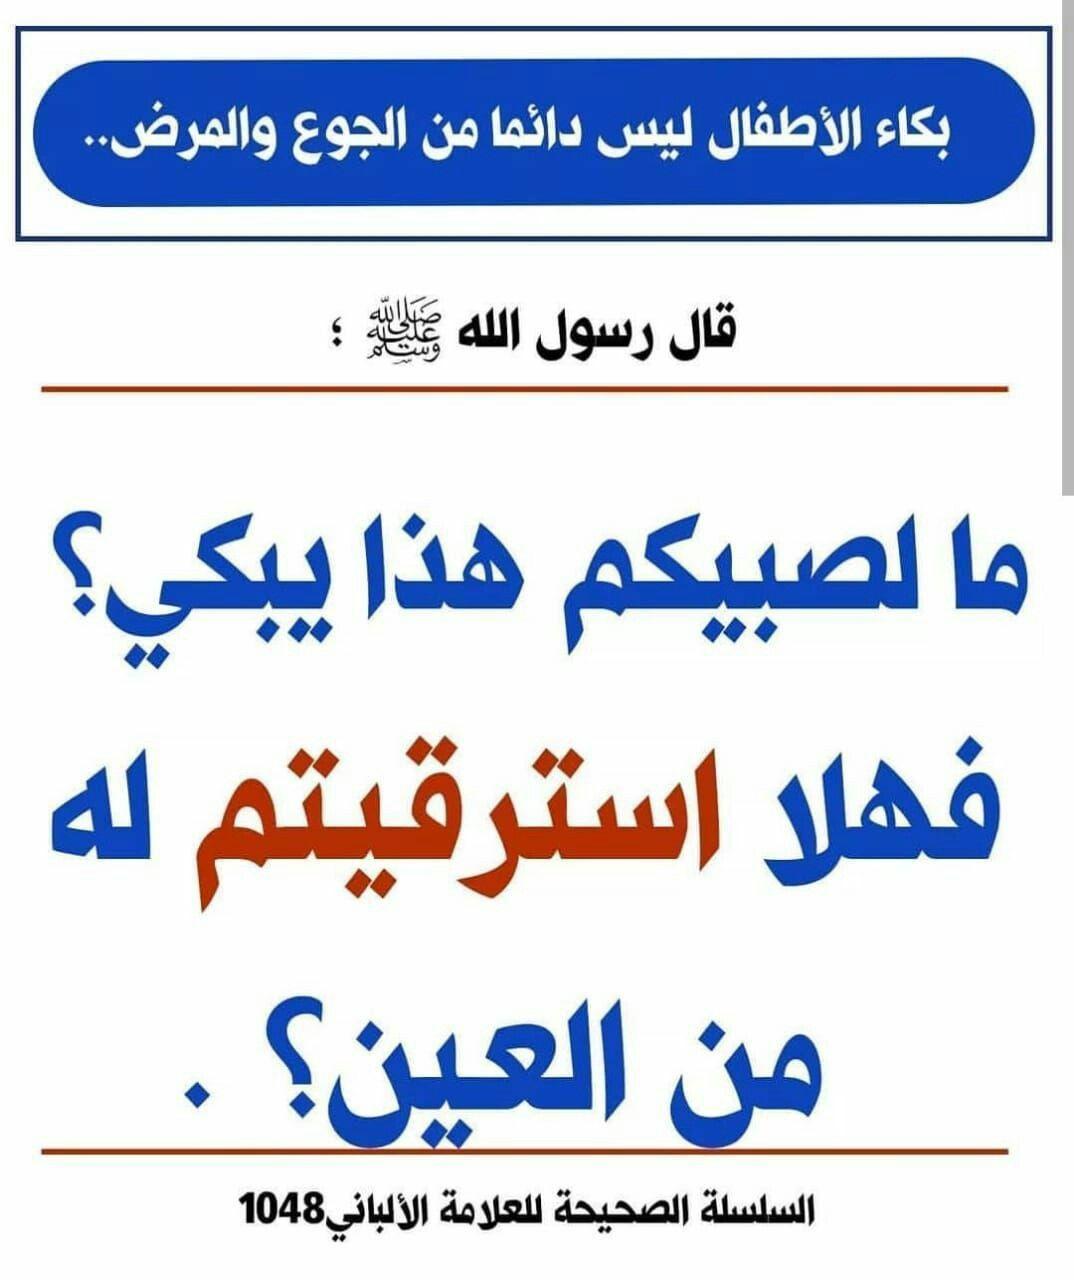 Pin By Abid On الأحاديث النبوية Wisdom Math Duaa Islam